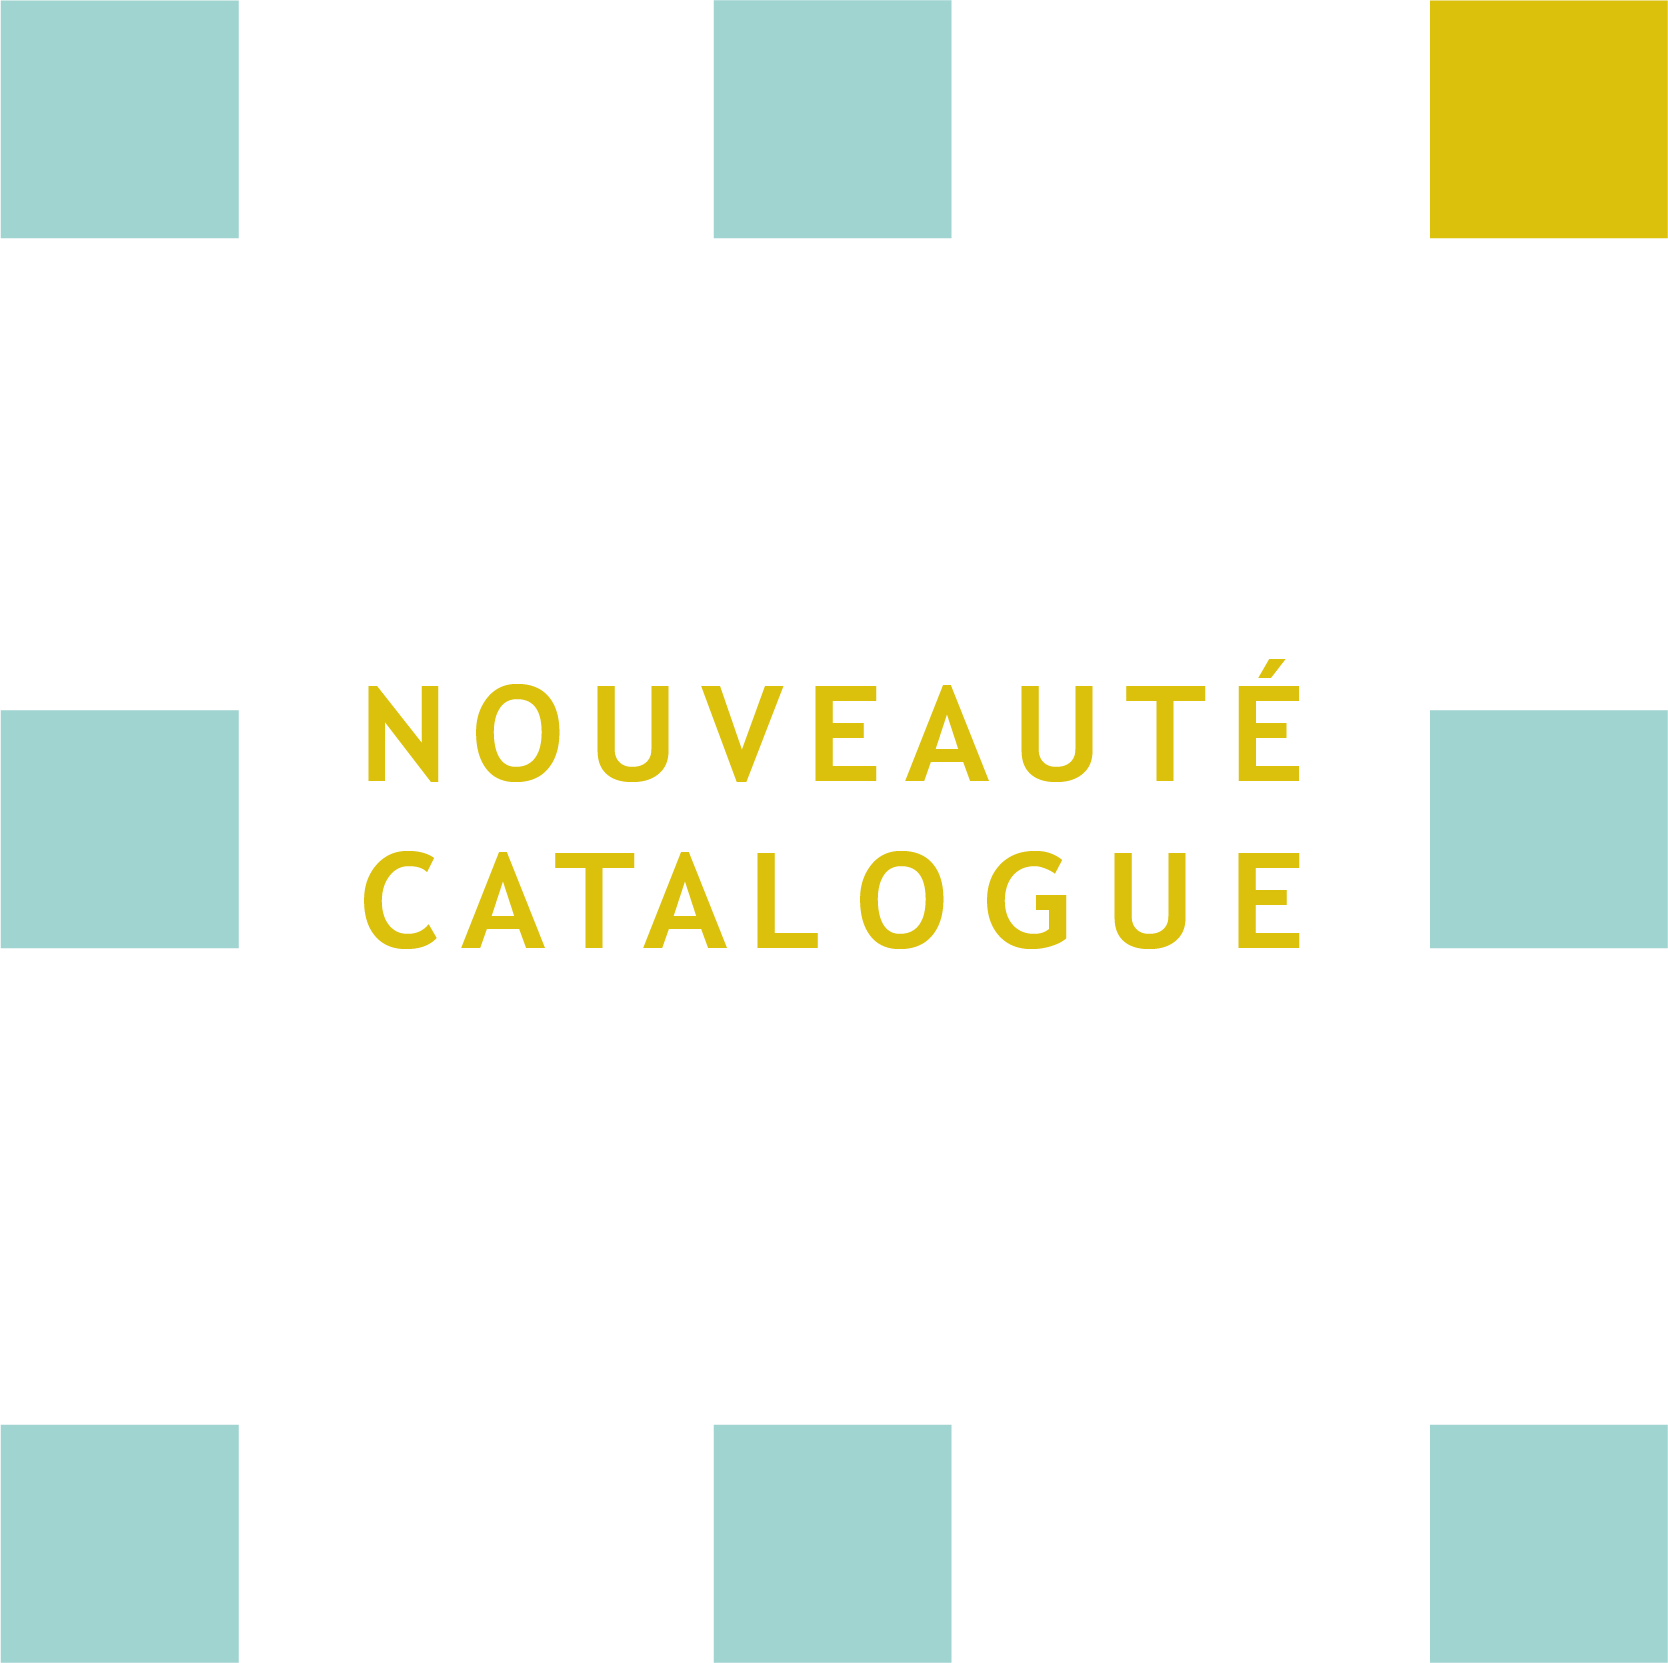 Nouveauté catalogue